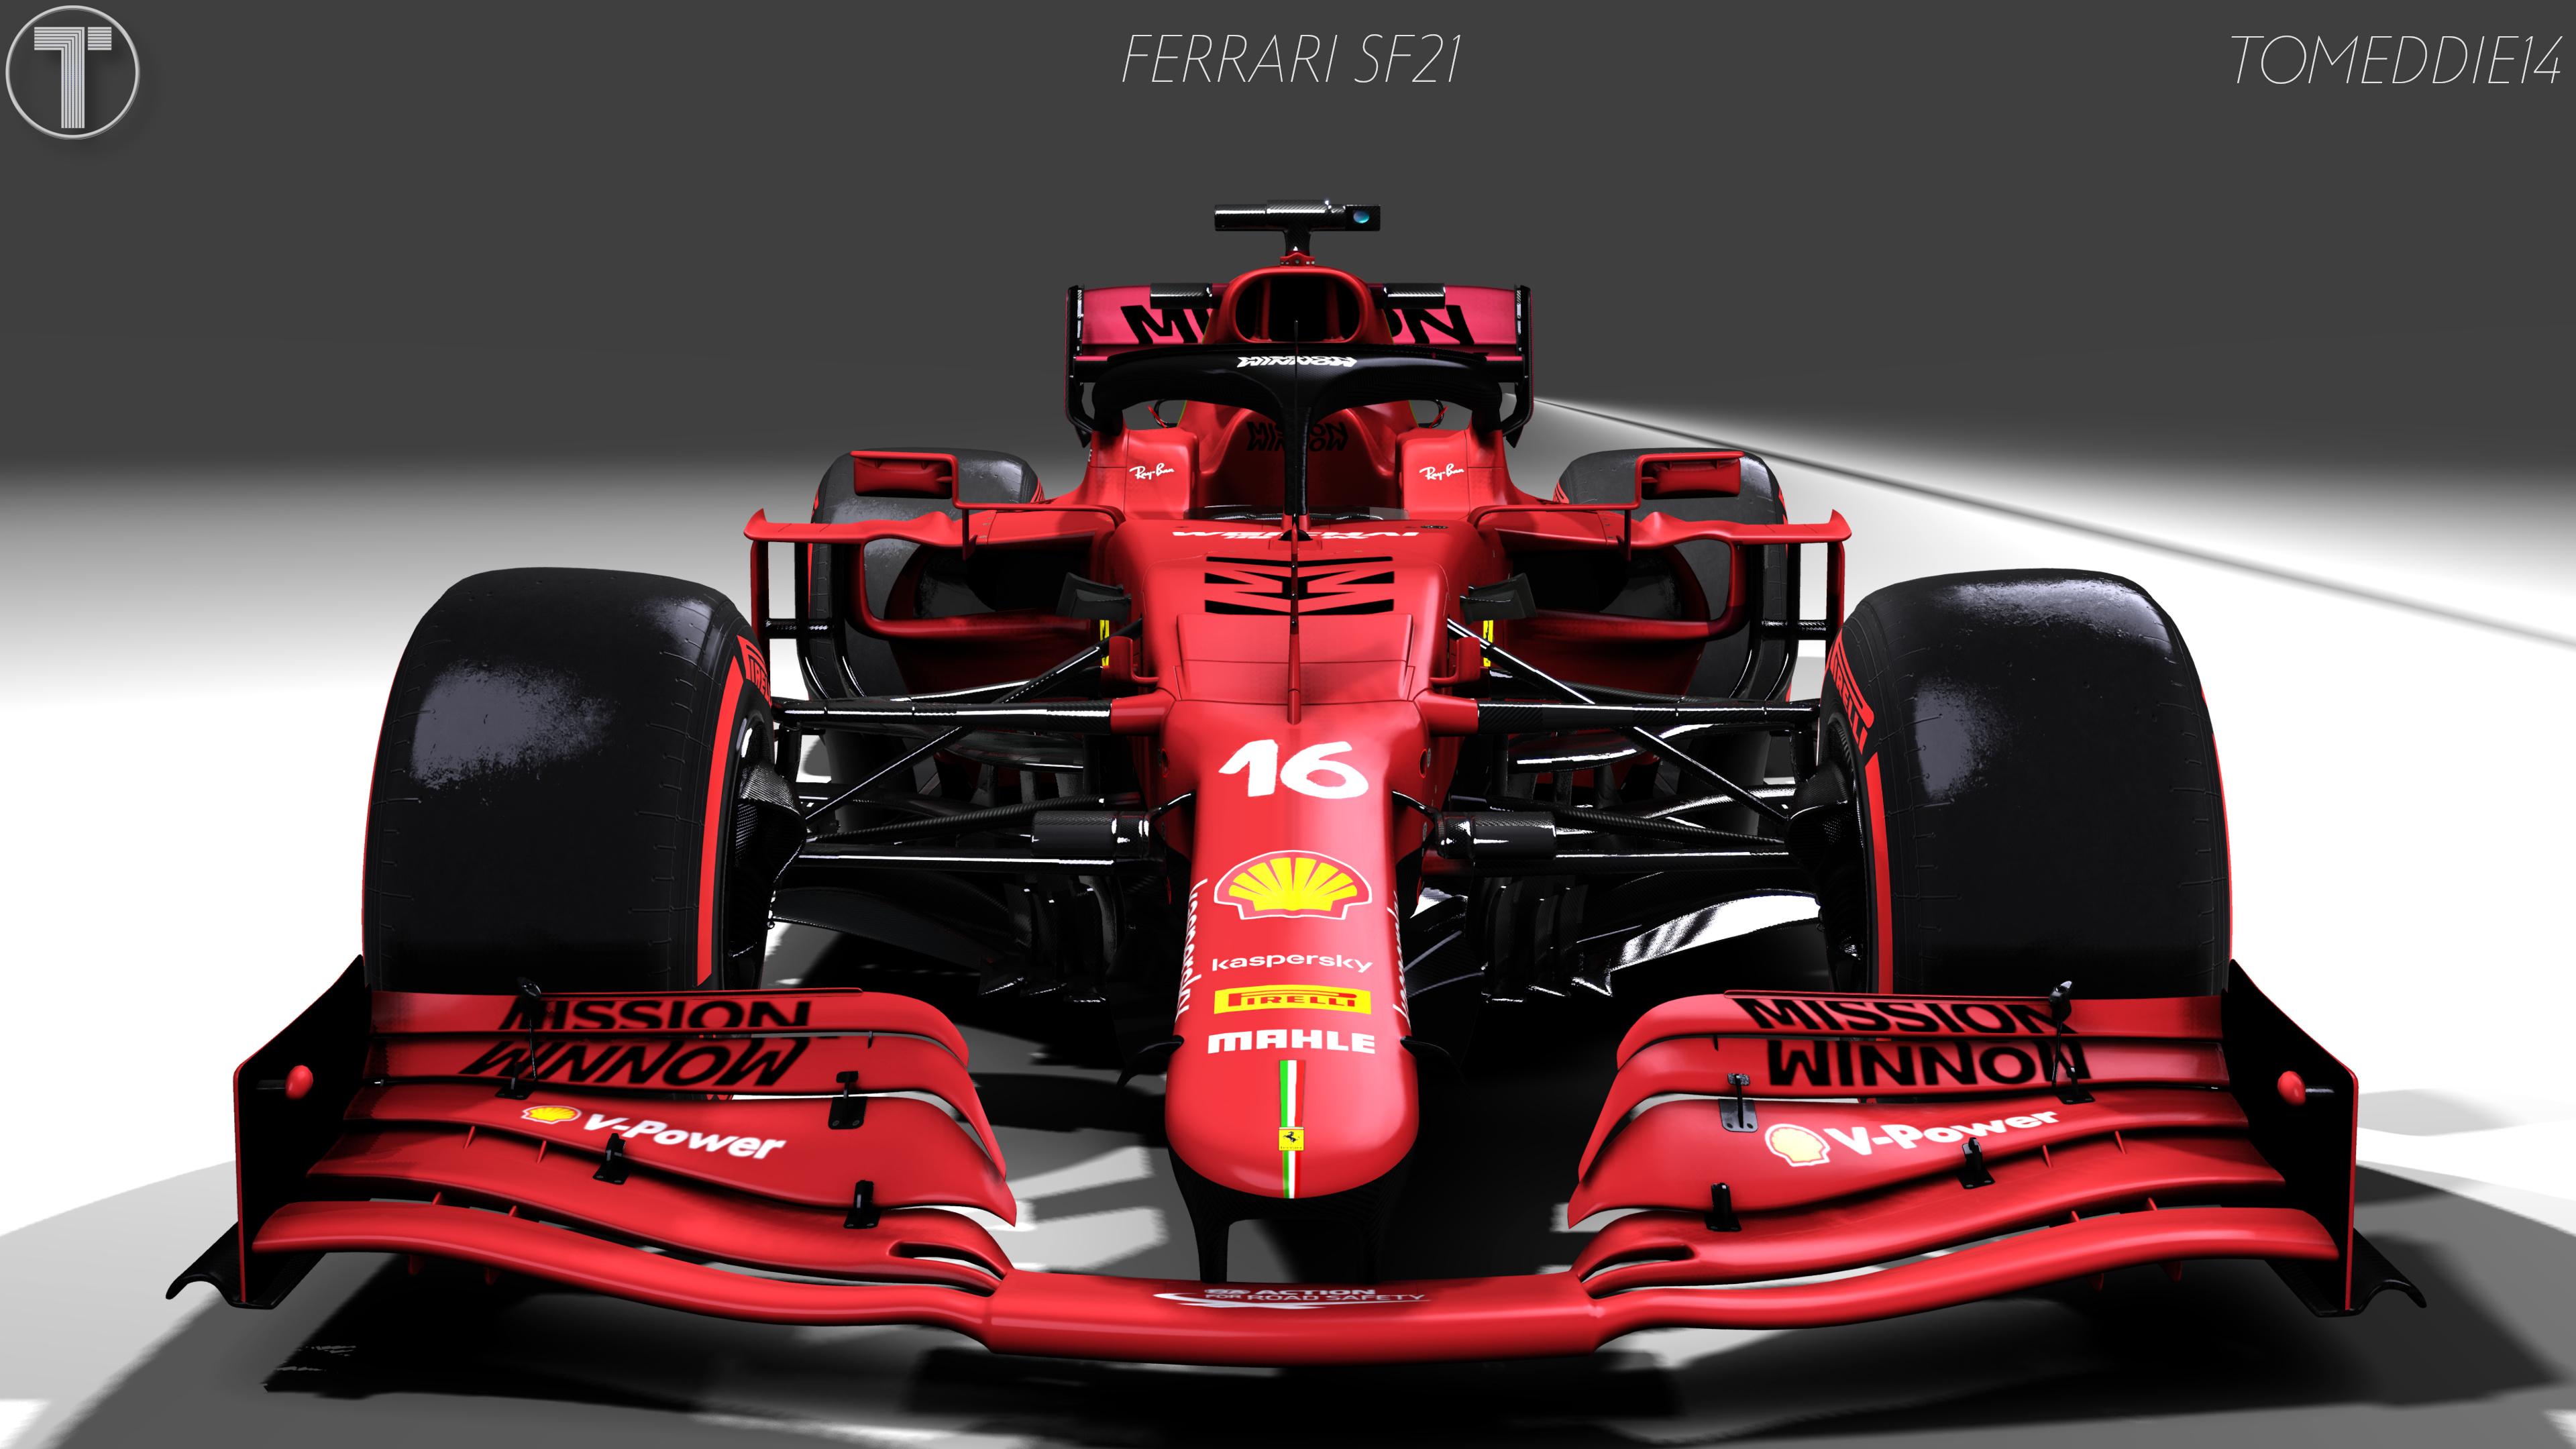 Ferrari SF21_16.3.jpg